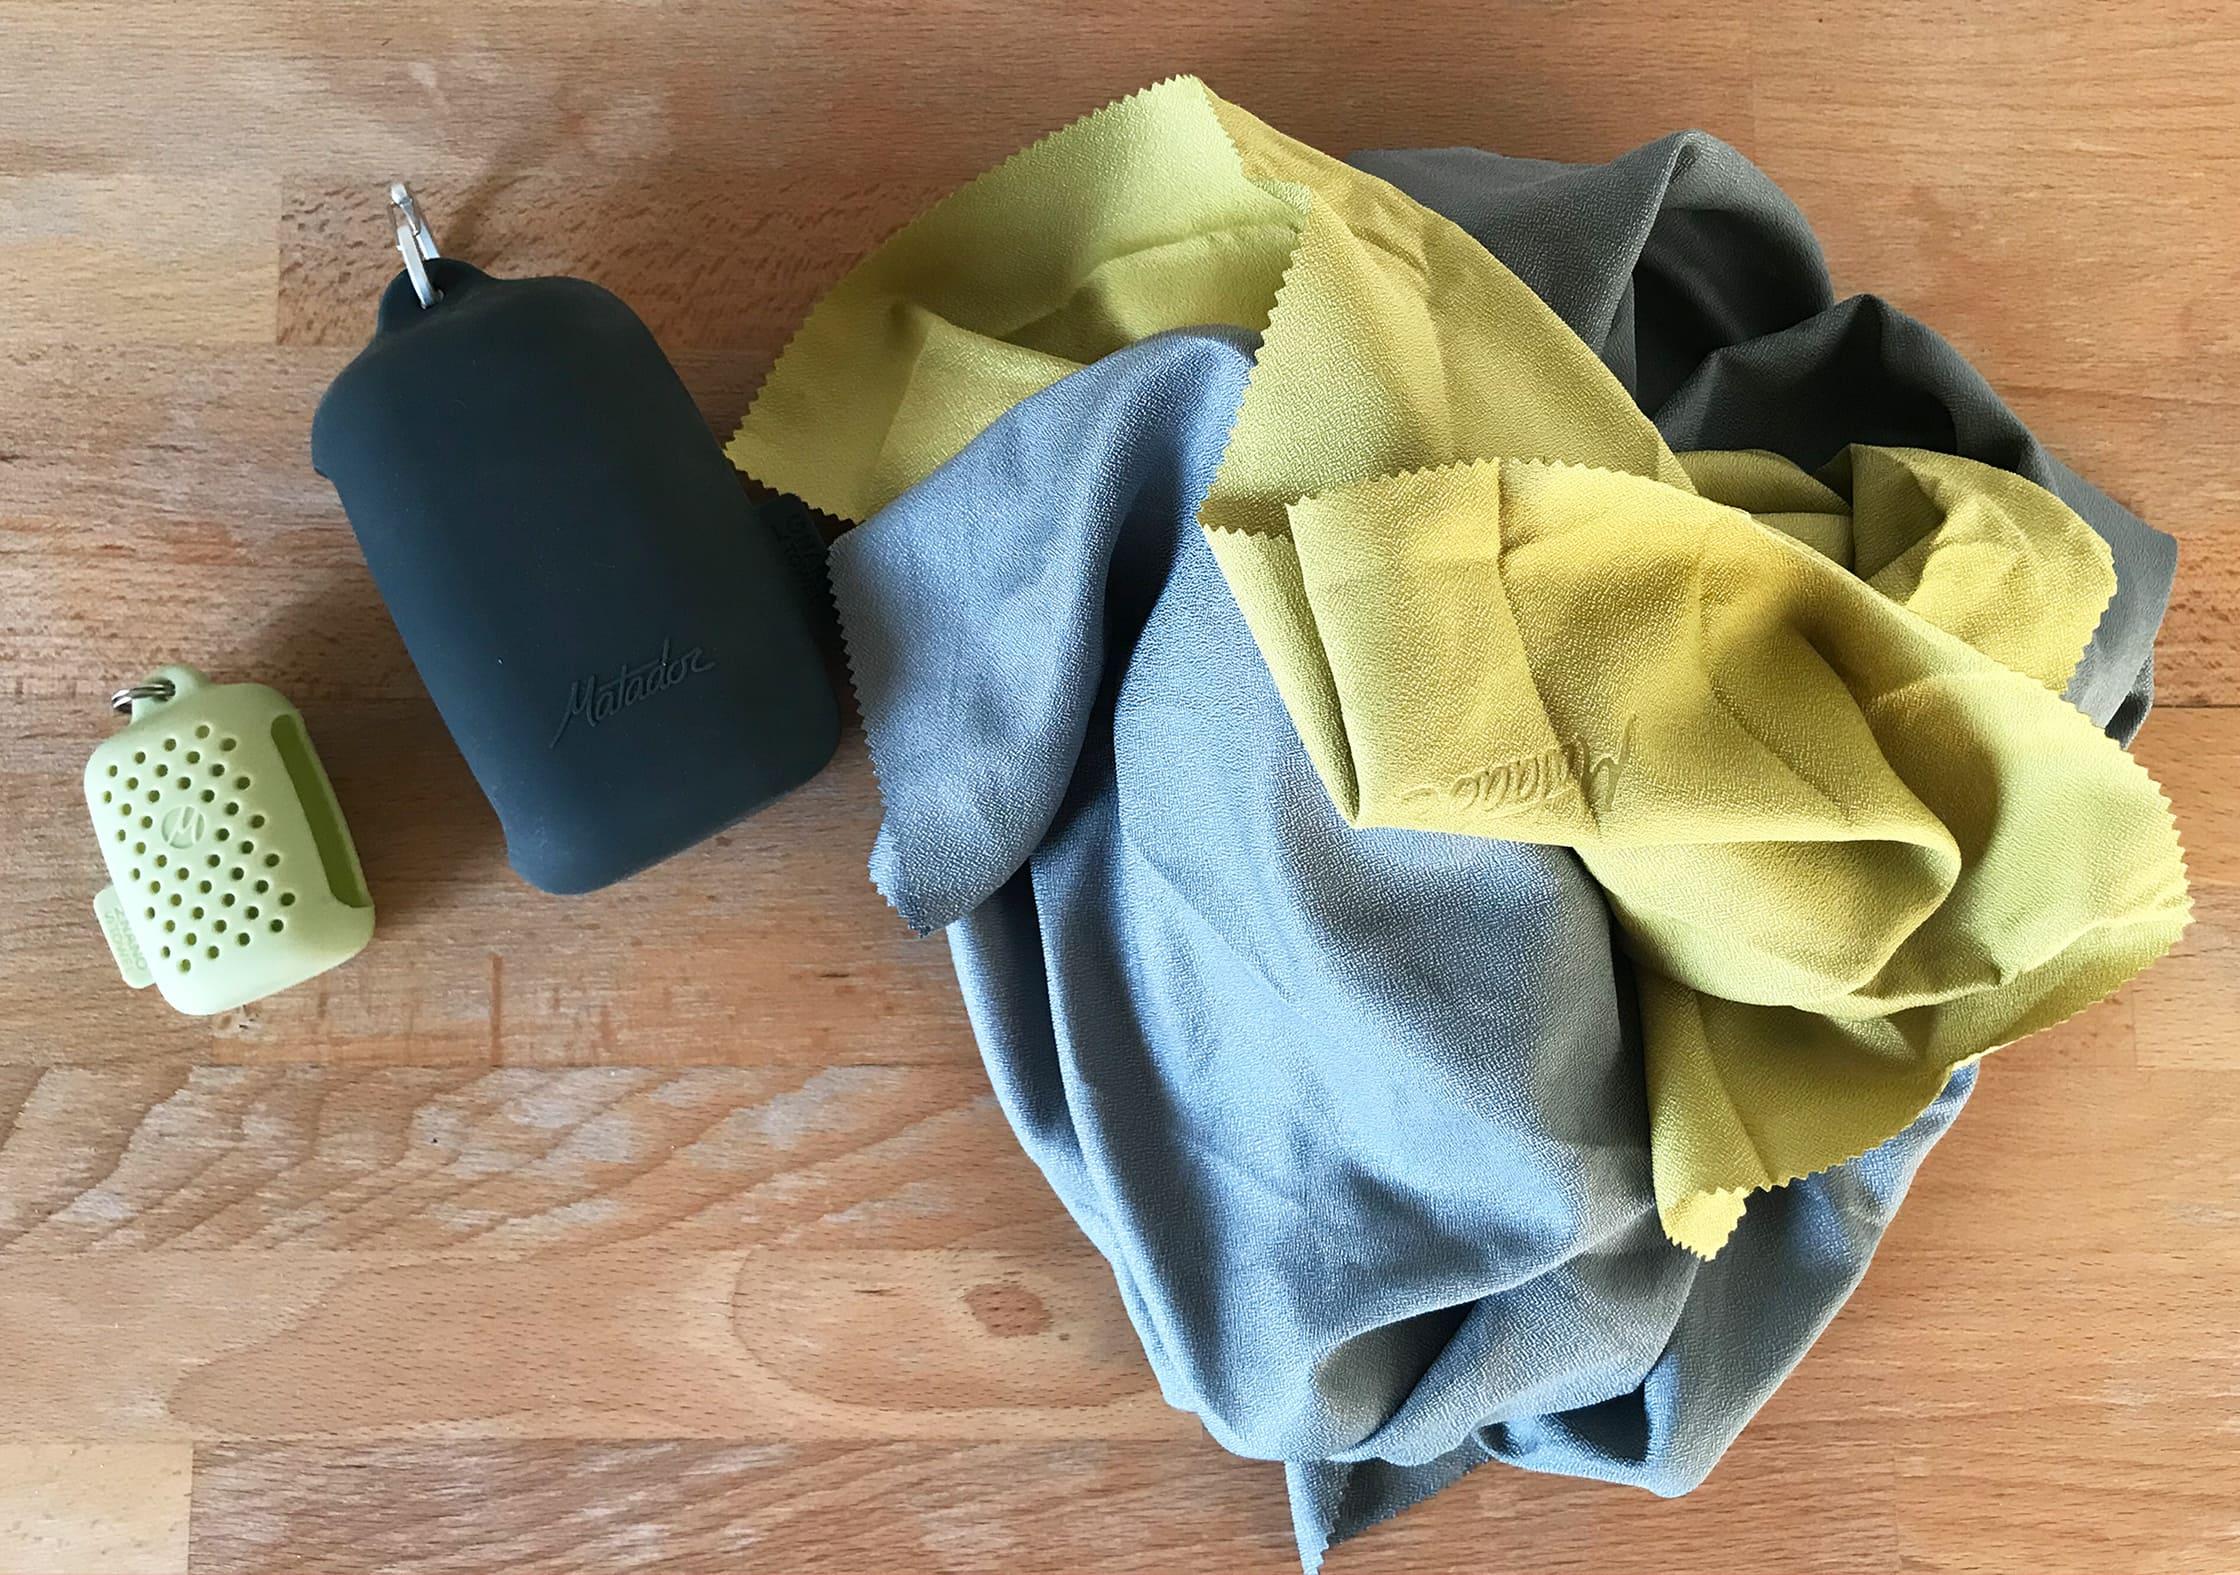 Matador NanoDry Towels Unpacked